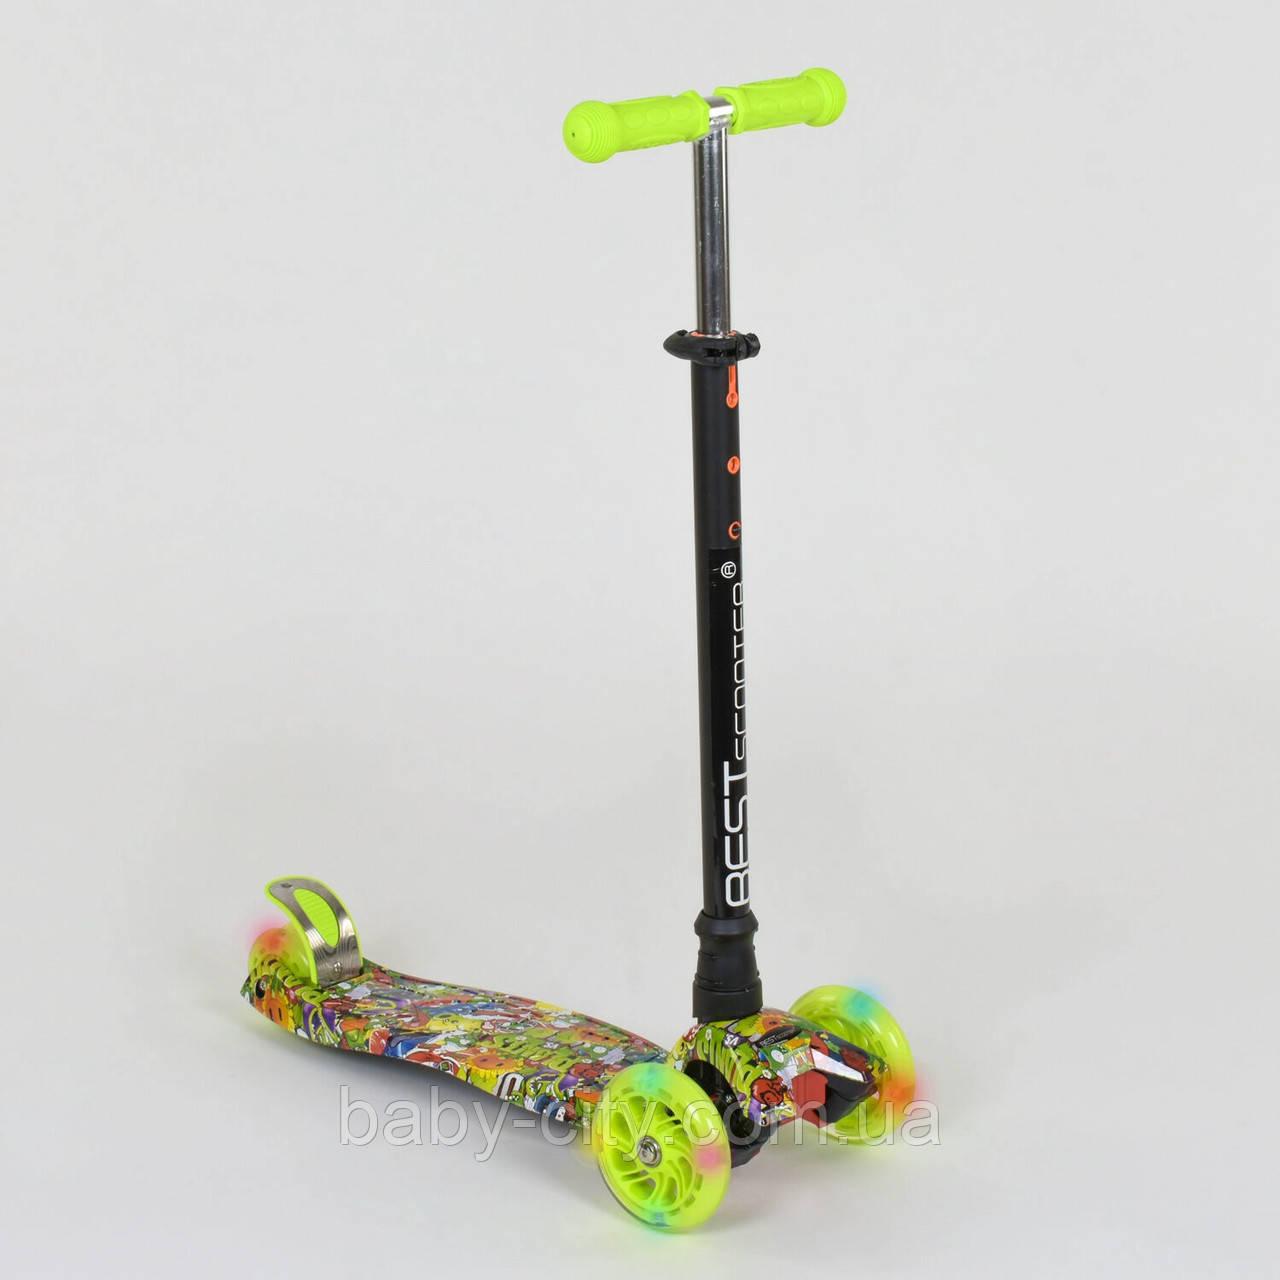 Самокат Best Scooter Maxi А 25534 / 779-1332, светящиеся PU колеса